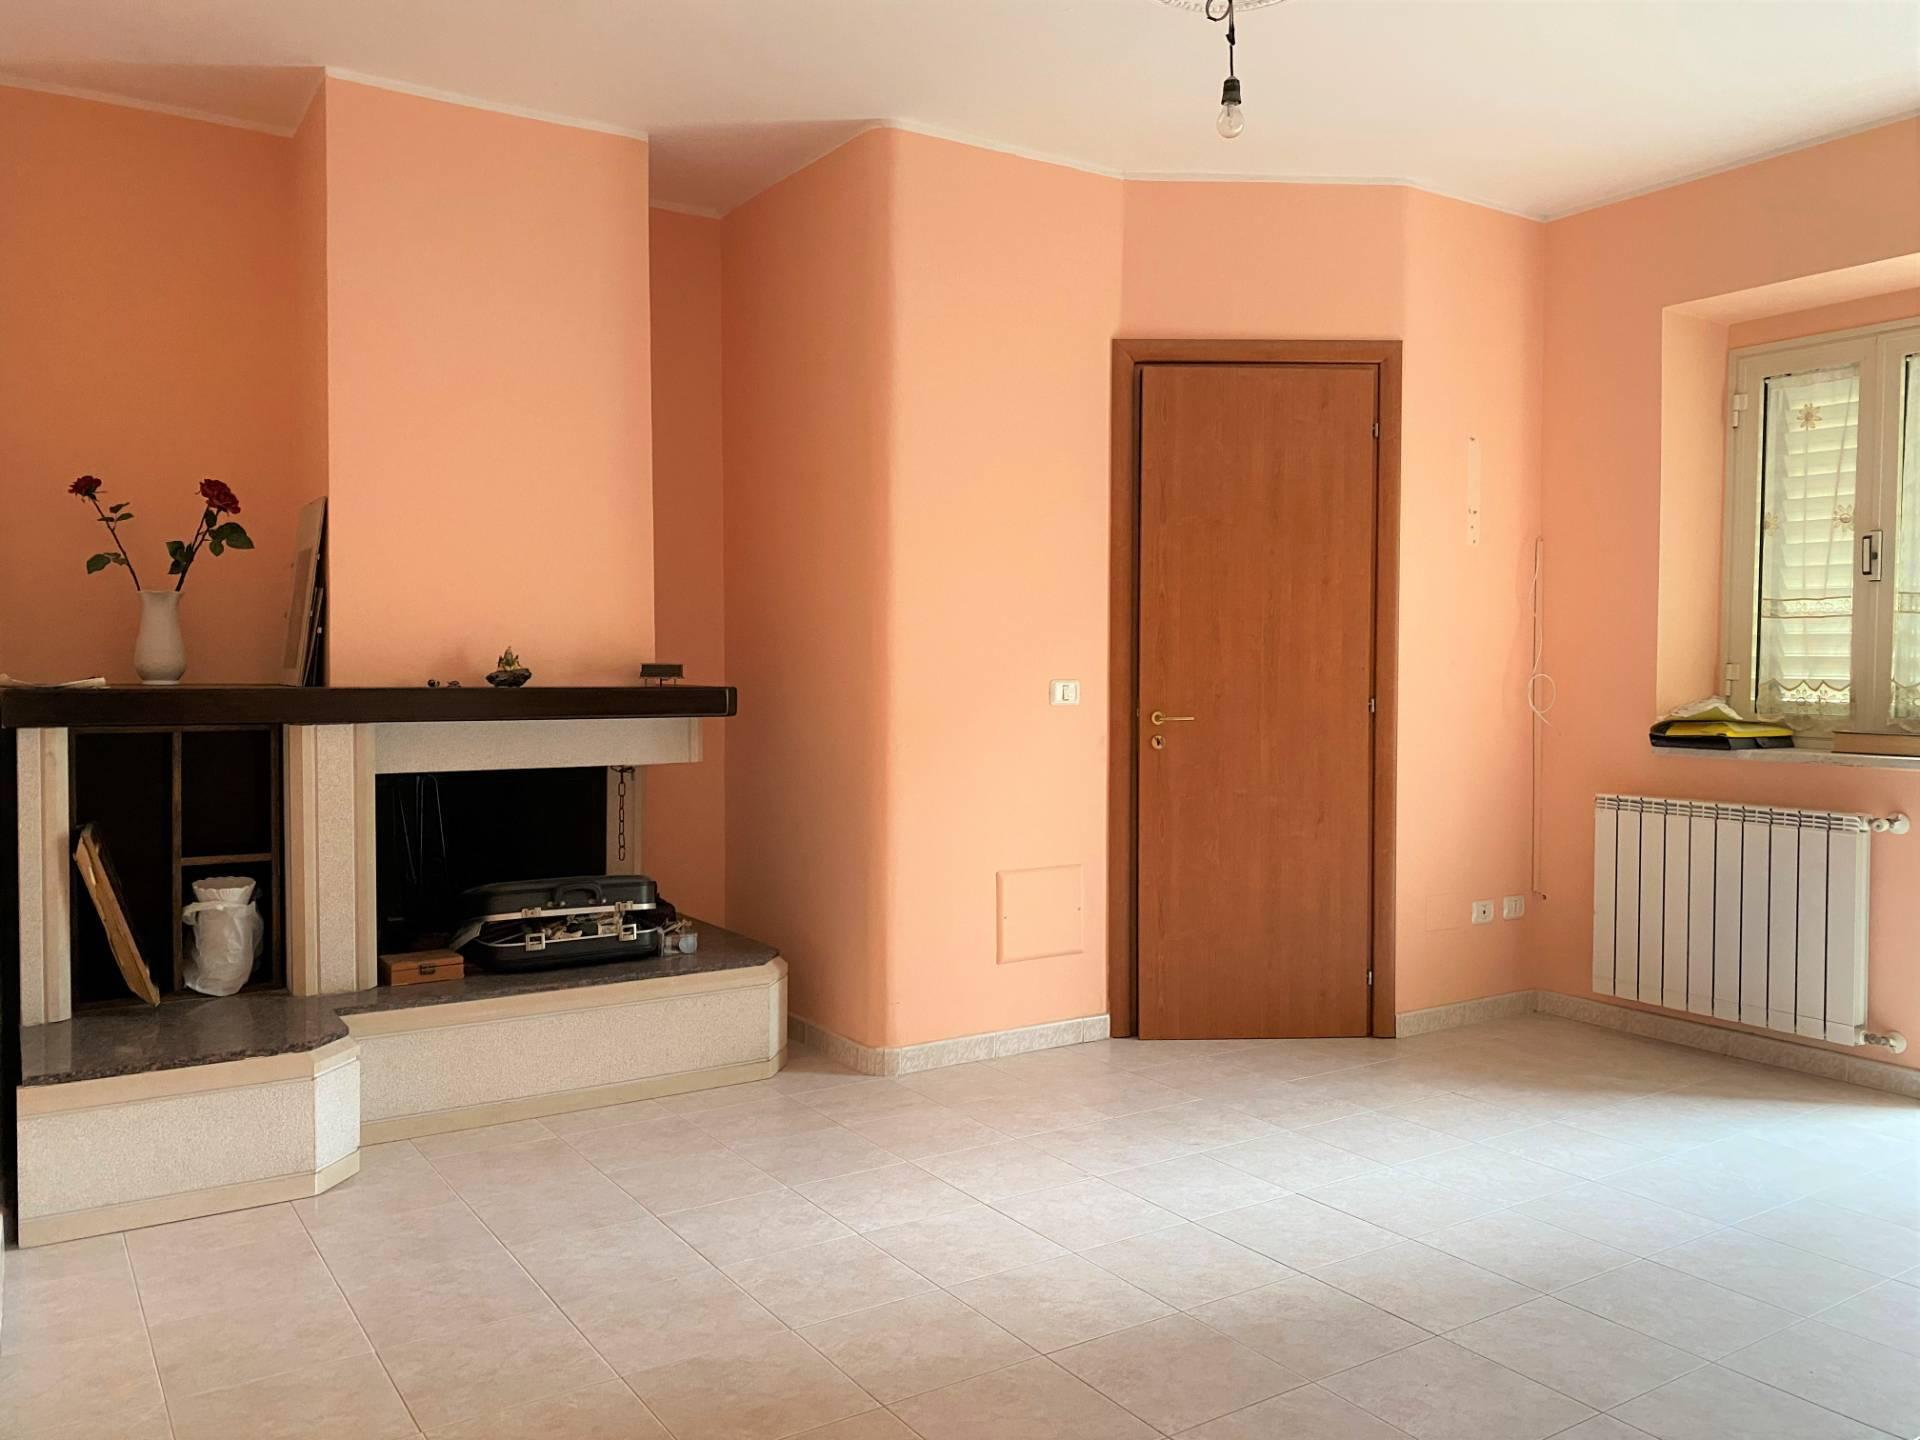 Soluzione Indipendente in vendita a Borgia, 4 locali, prezzo € 49.000 | CambioCasa.it